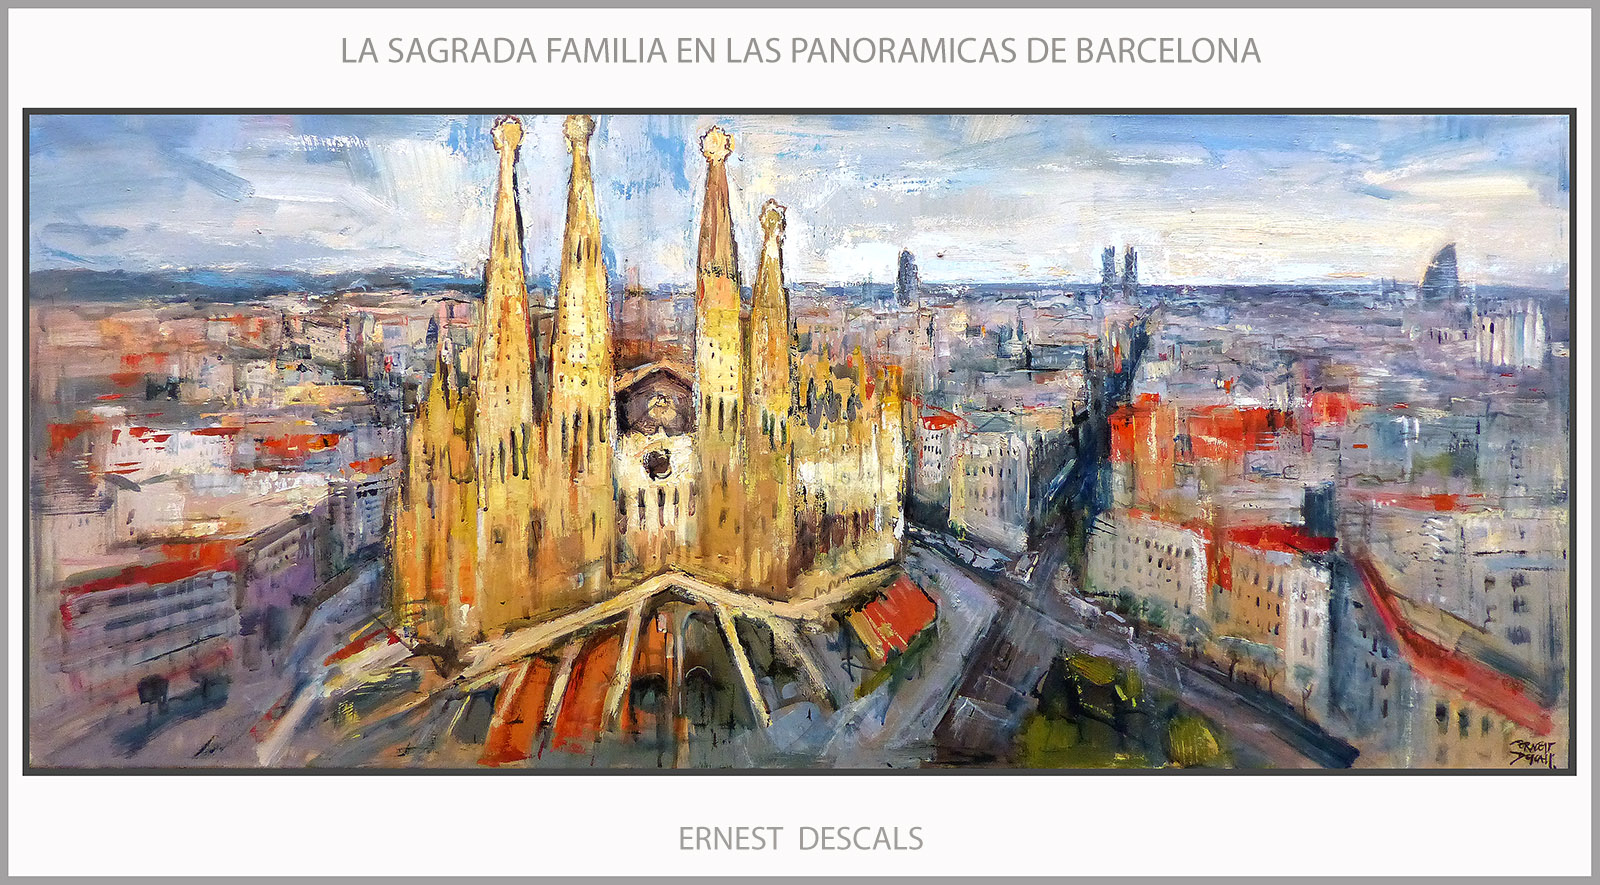 Venta pintura pintor ernest descals barcelona pintura sagrada familia panoramicas pinturas - Pintores de barcelona ...